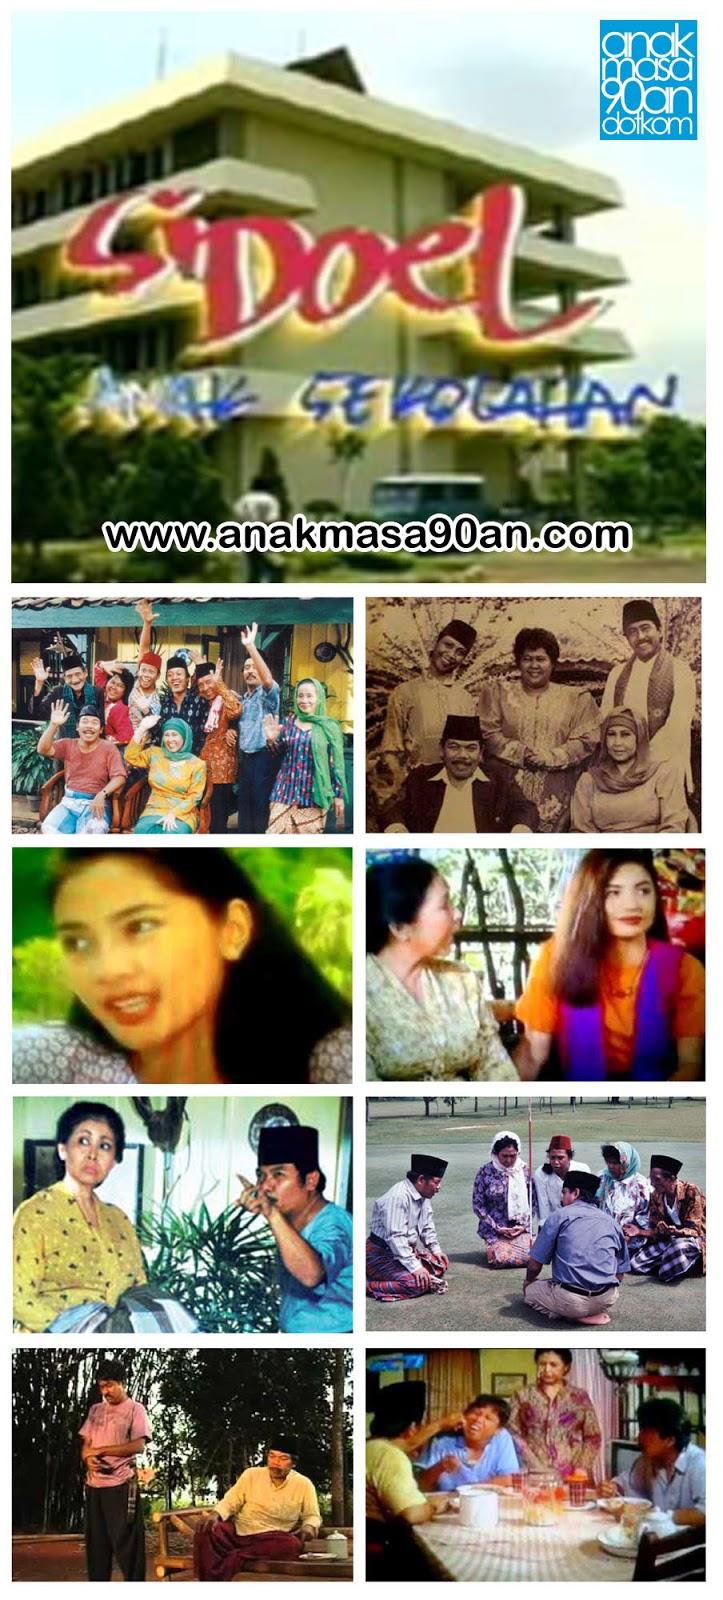 Si Doel Anak Sekolahan Rcti 1994 Anakmasa90an